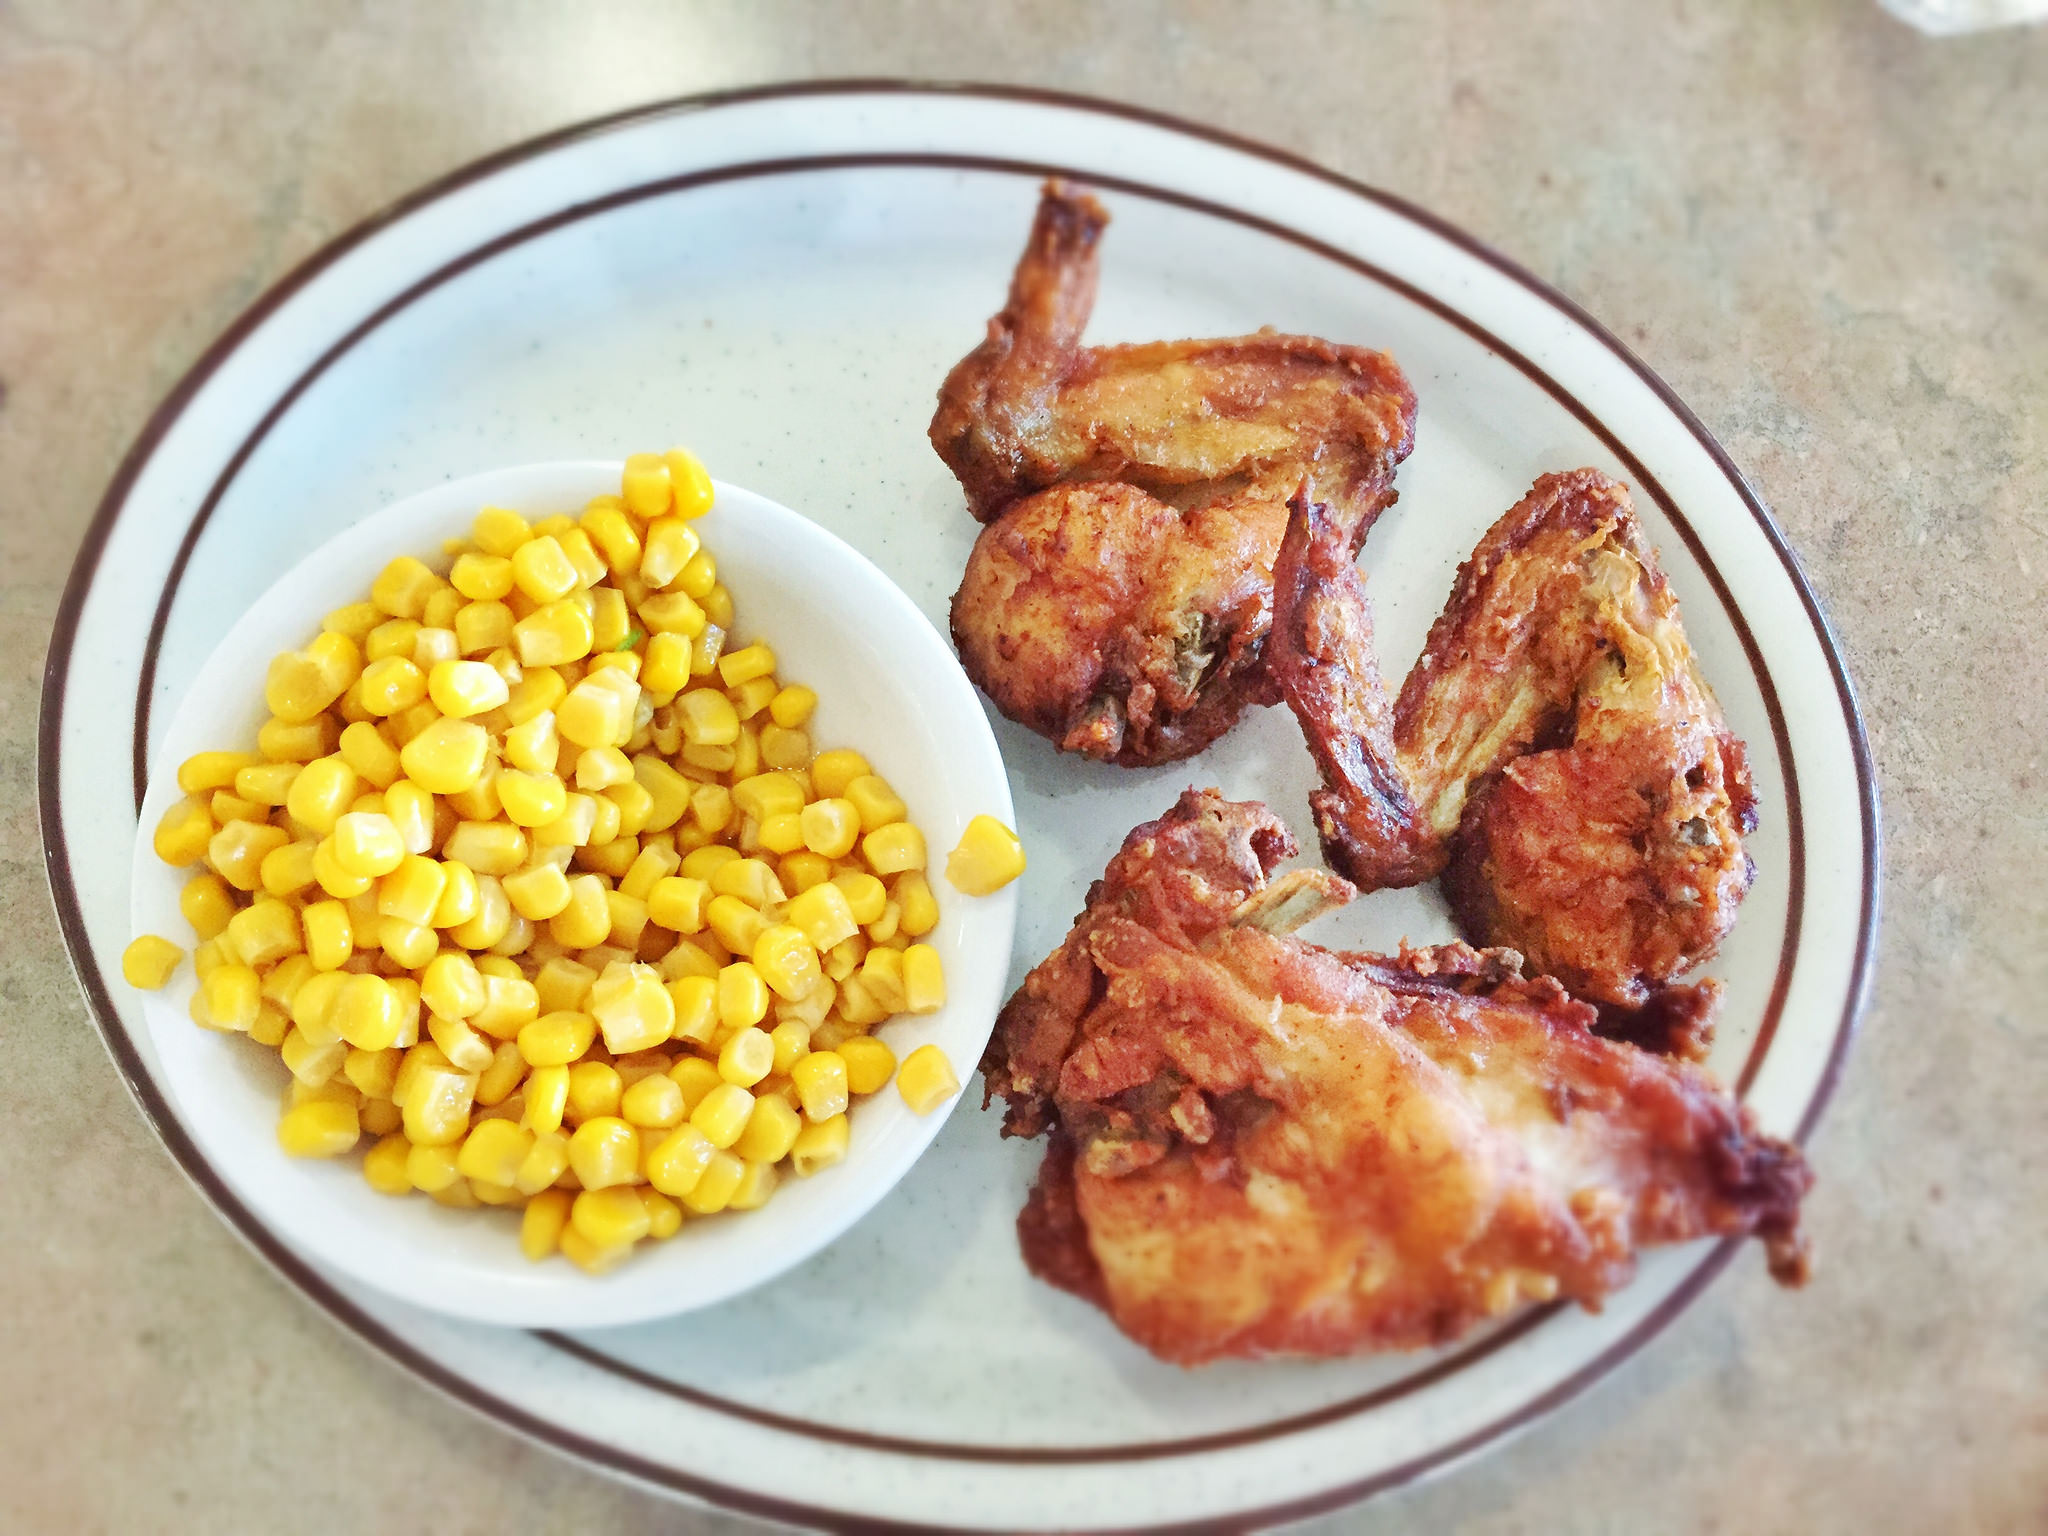 Dinah's Fried Chicken: Top 10 Restaurants Near LAX